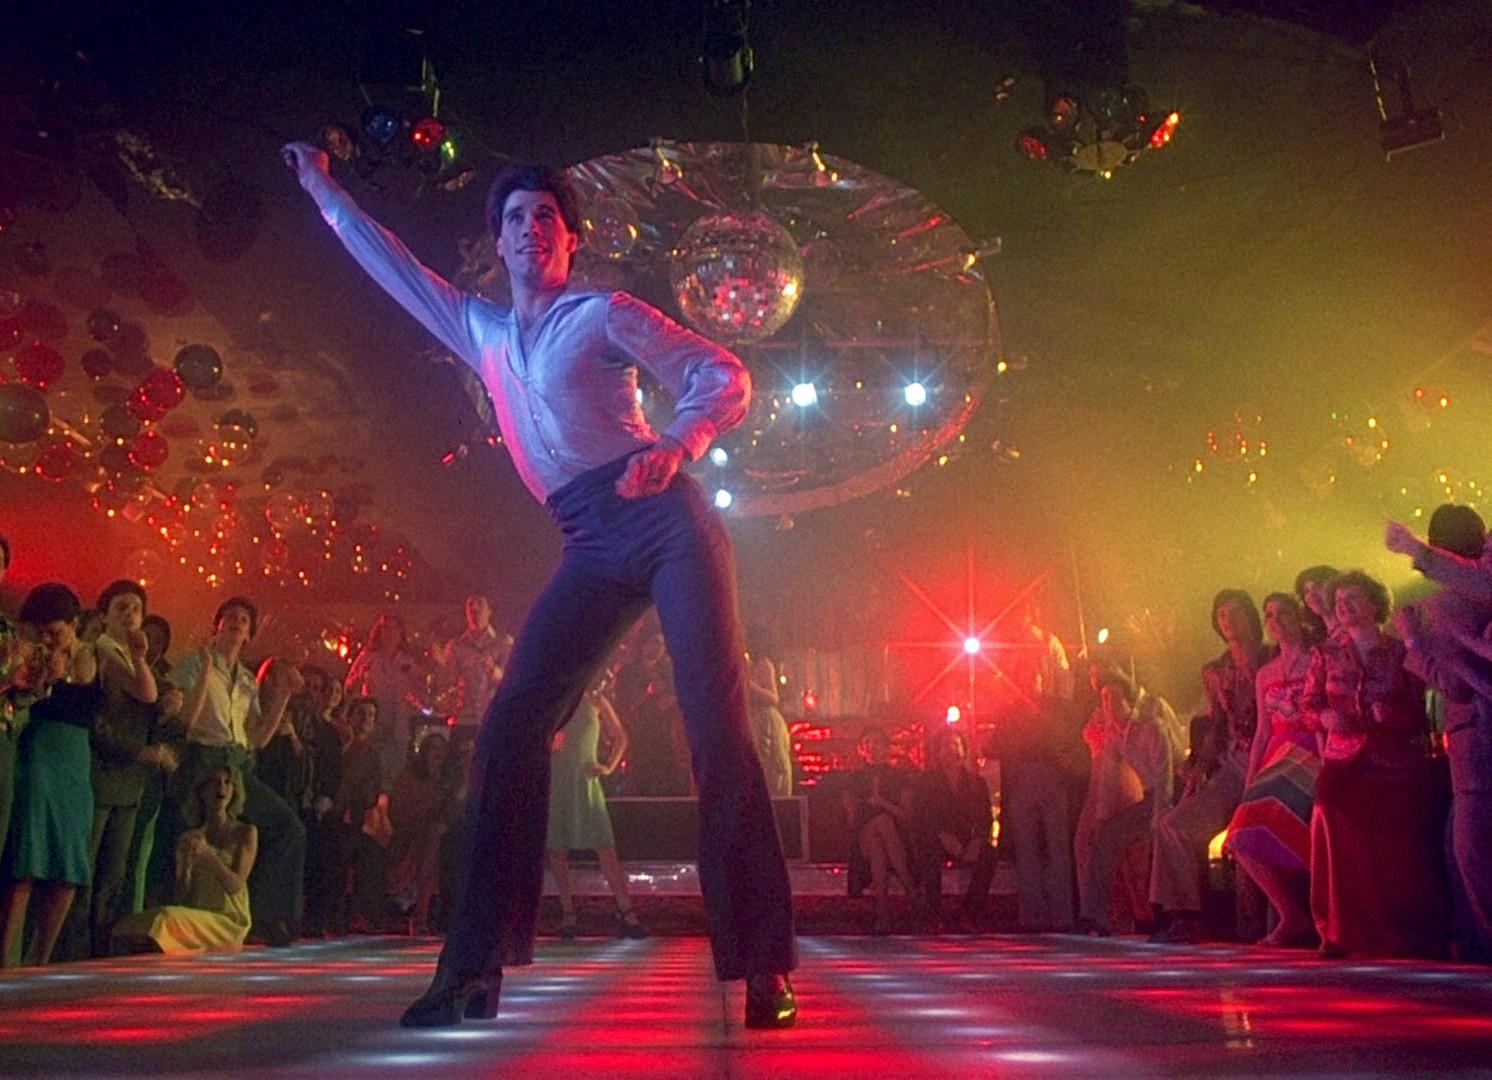 Filmy o tańcu: Gorączka sobotniej nocy